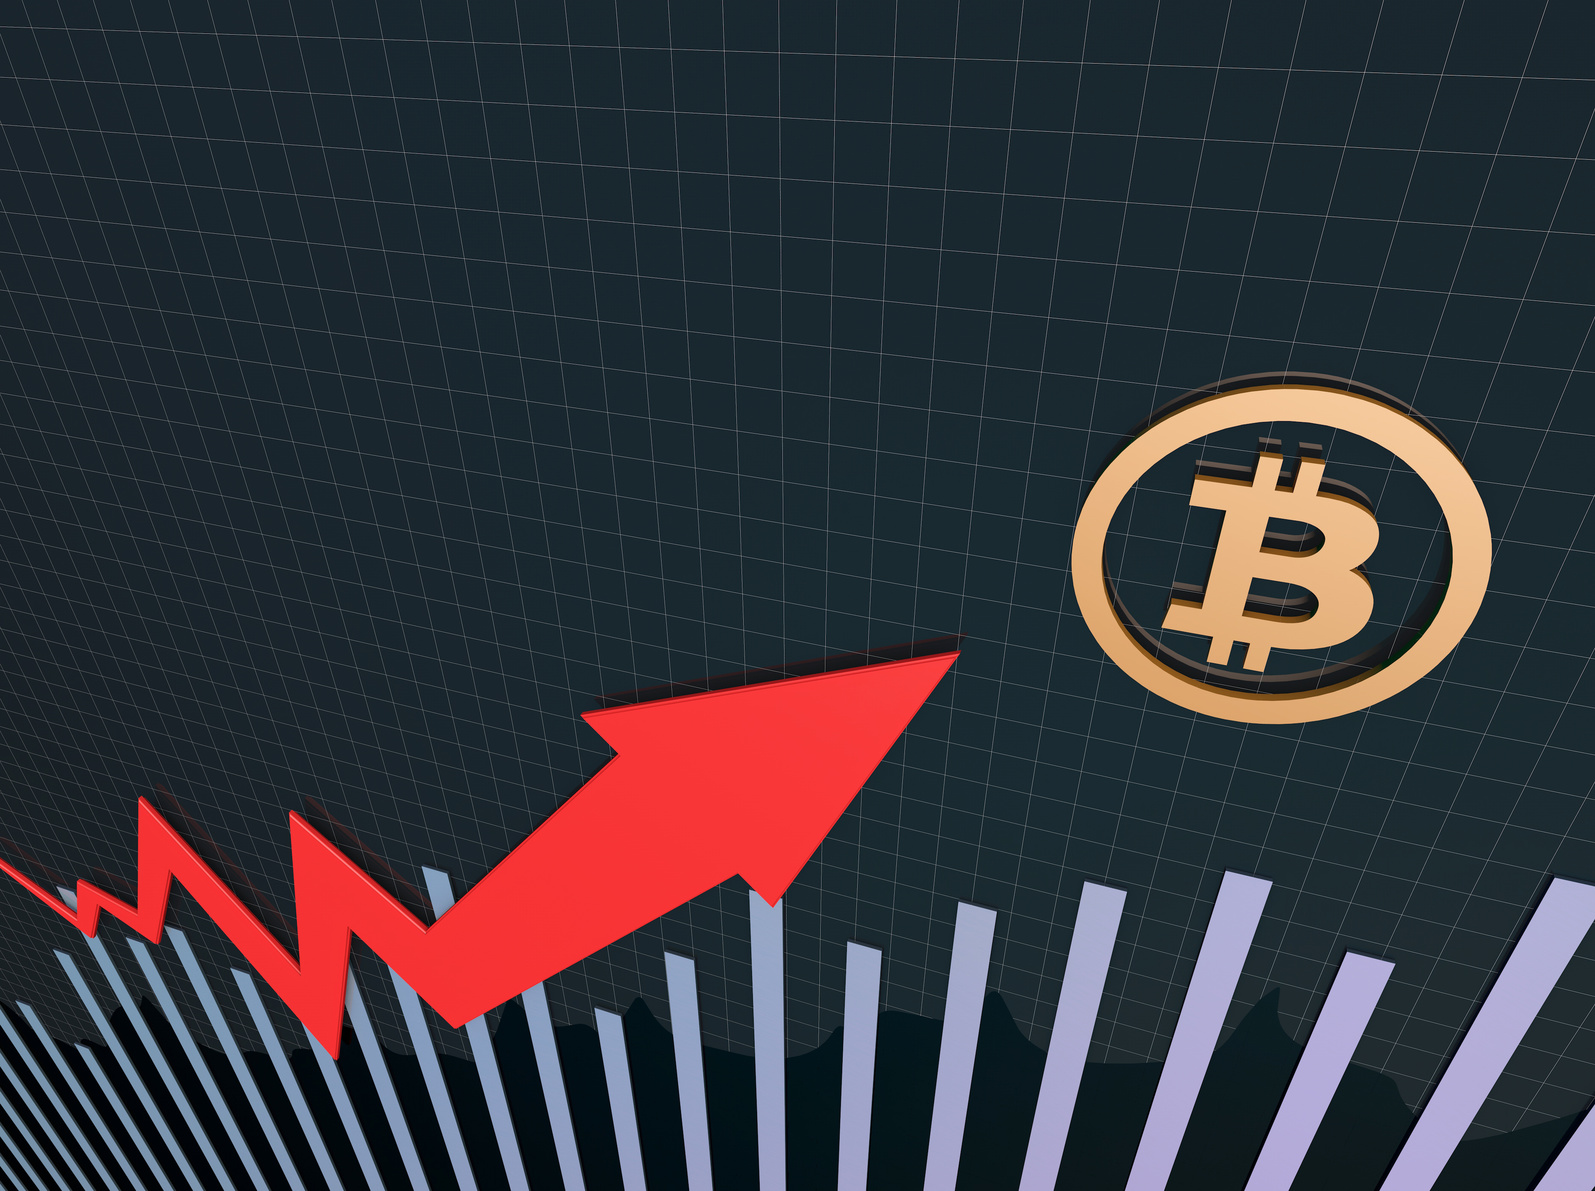 【仮想通貨特集】今買っておけば価格上昇で将来儲かる?世界を変える通貨の概要とリスクをわかりやすく解説。